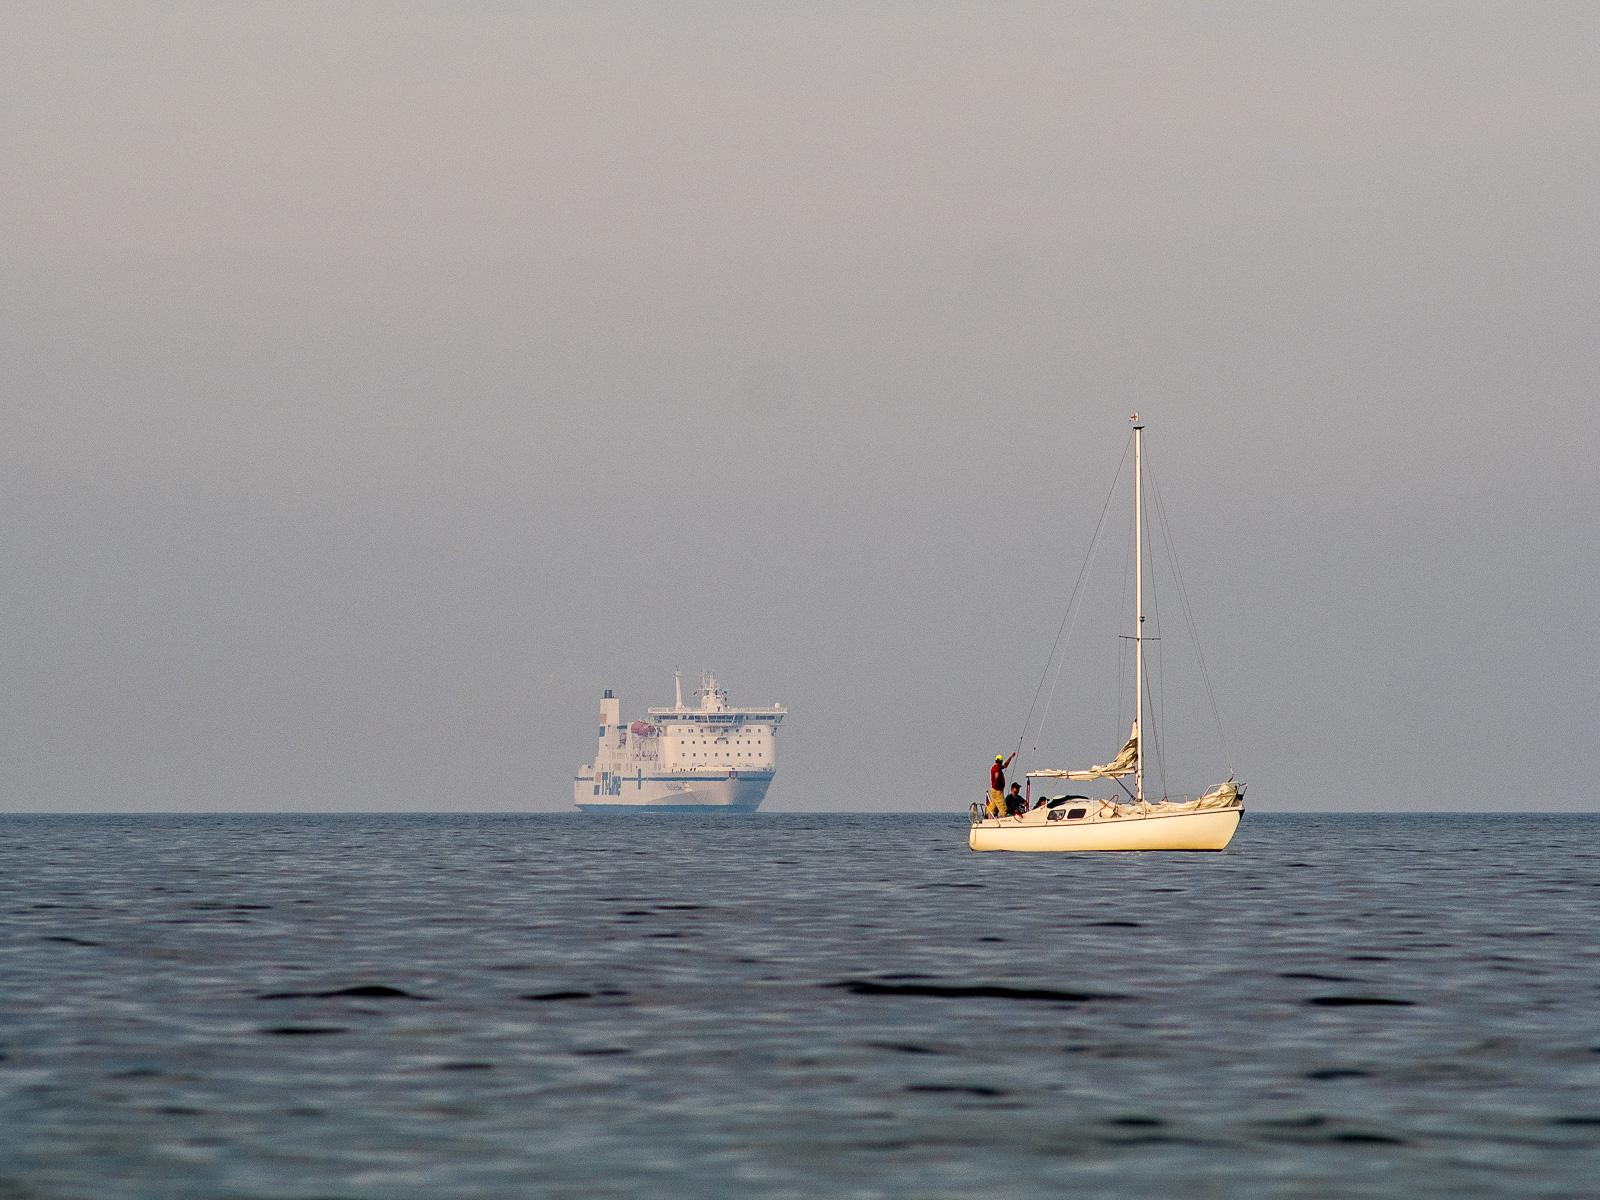 anderes Segelboot, eingeholte Segel, vor einlaufender Skandinavien-Fähre